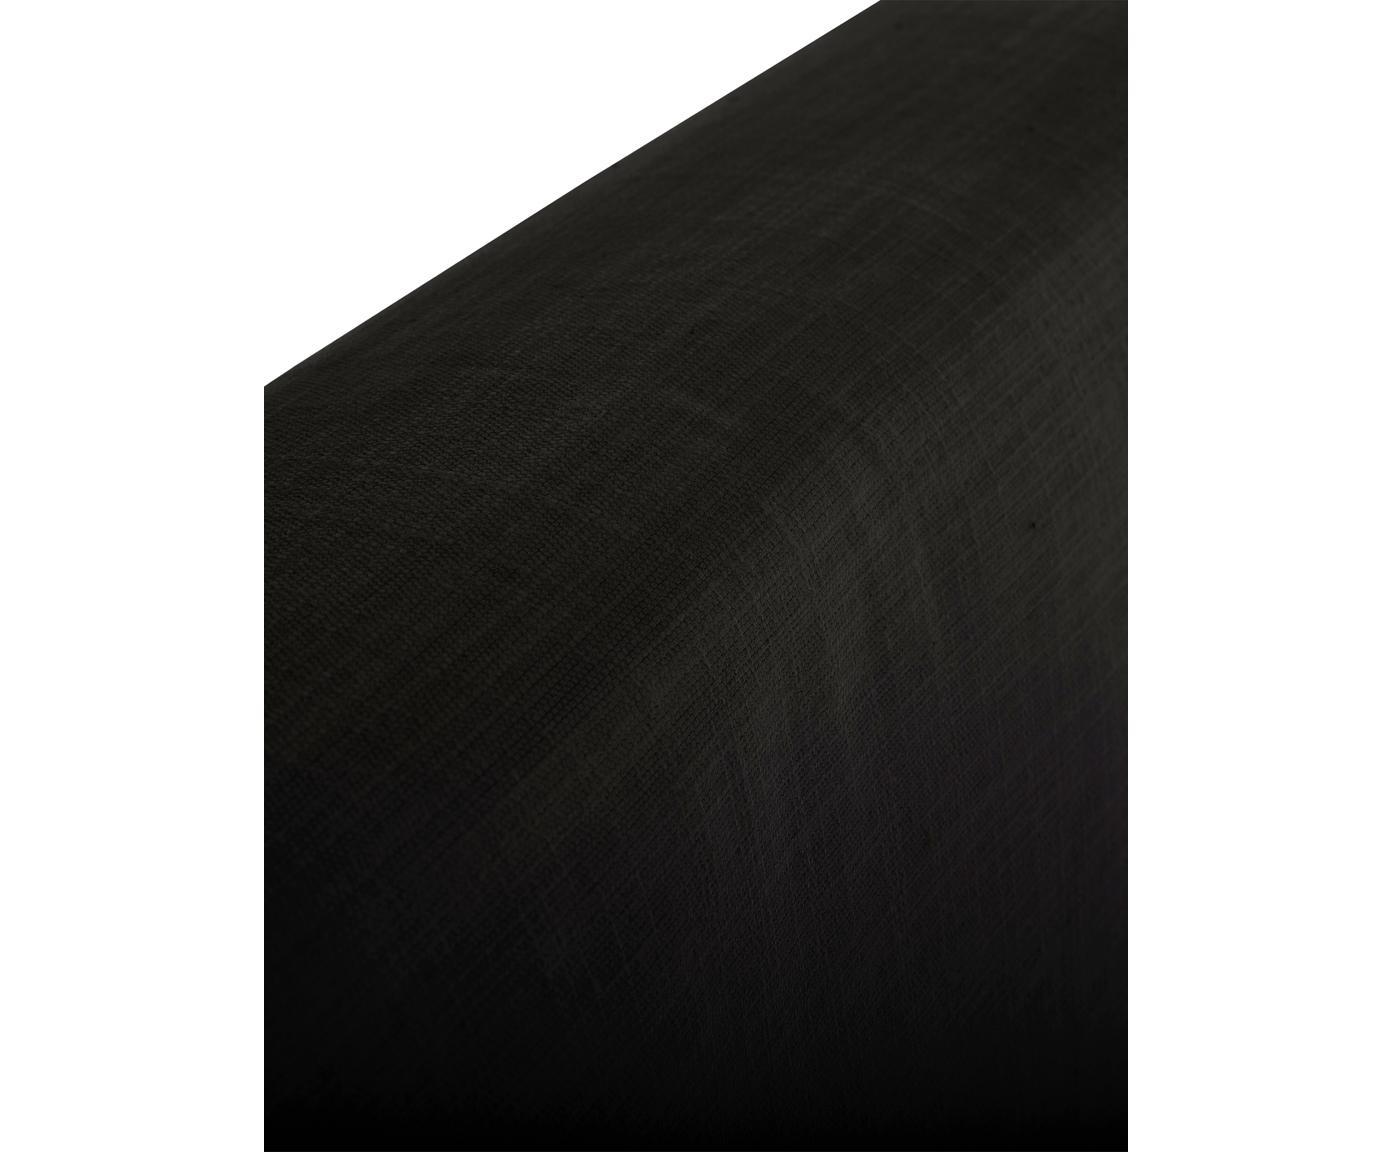 Letto imbottito con contenitore Feather, Rivestimento: Poliestere (tessuto strut, Tessuto antracite, 180 x 200 cm